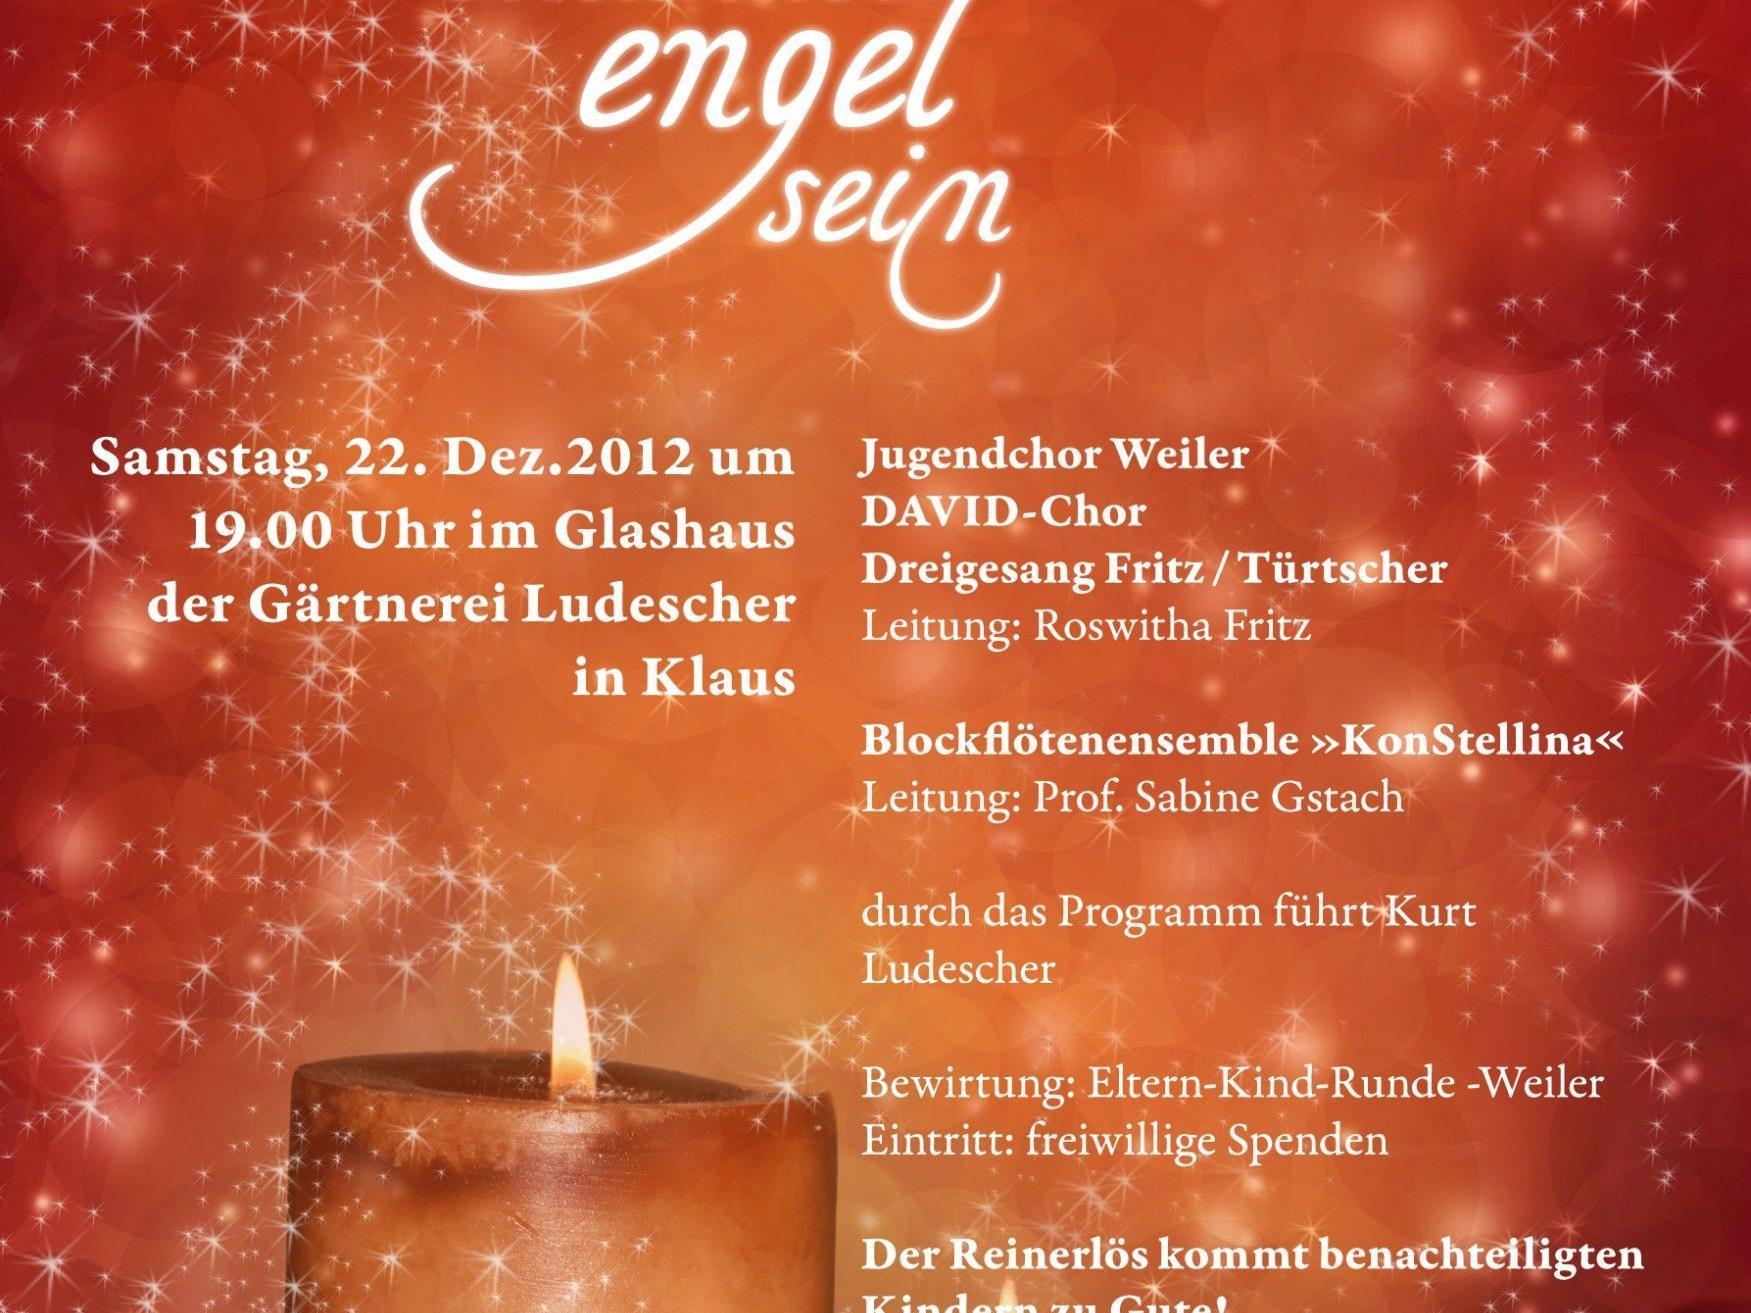 David- und Jugendchor Weiler lädt zu einem ganz besonderen Weihnachtskonzert.